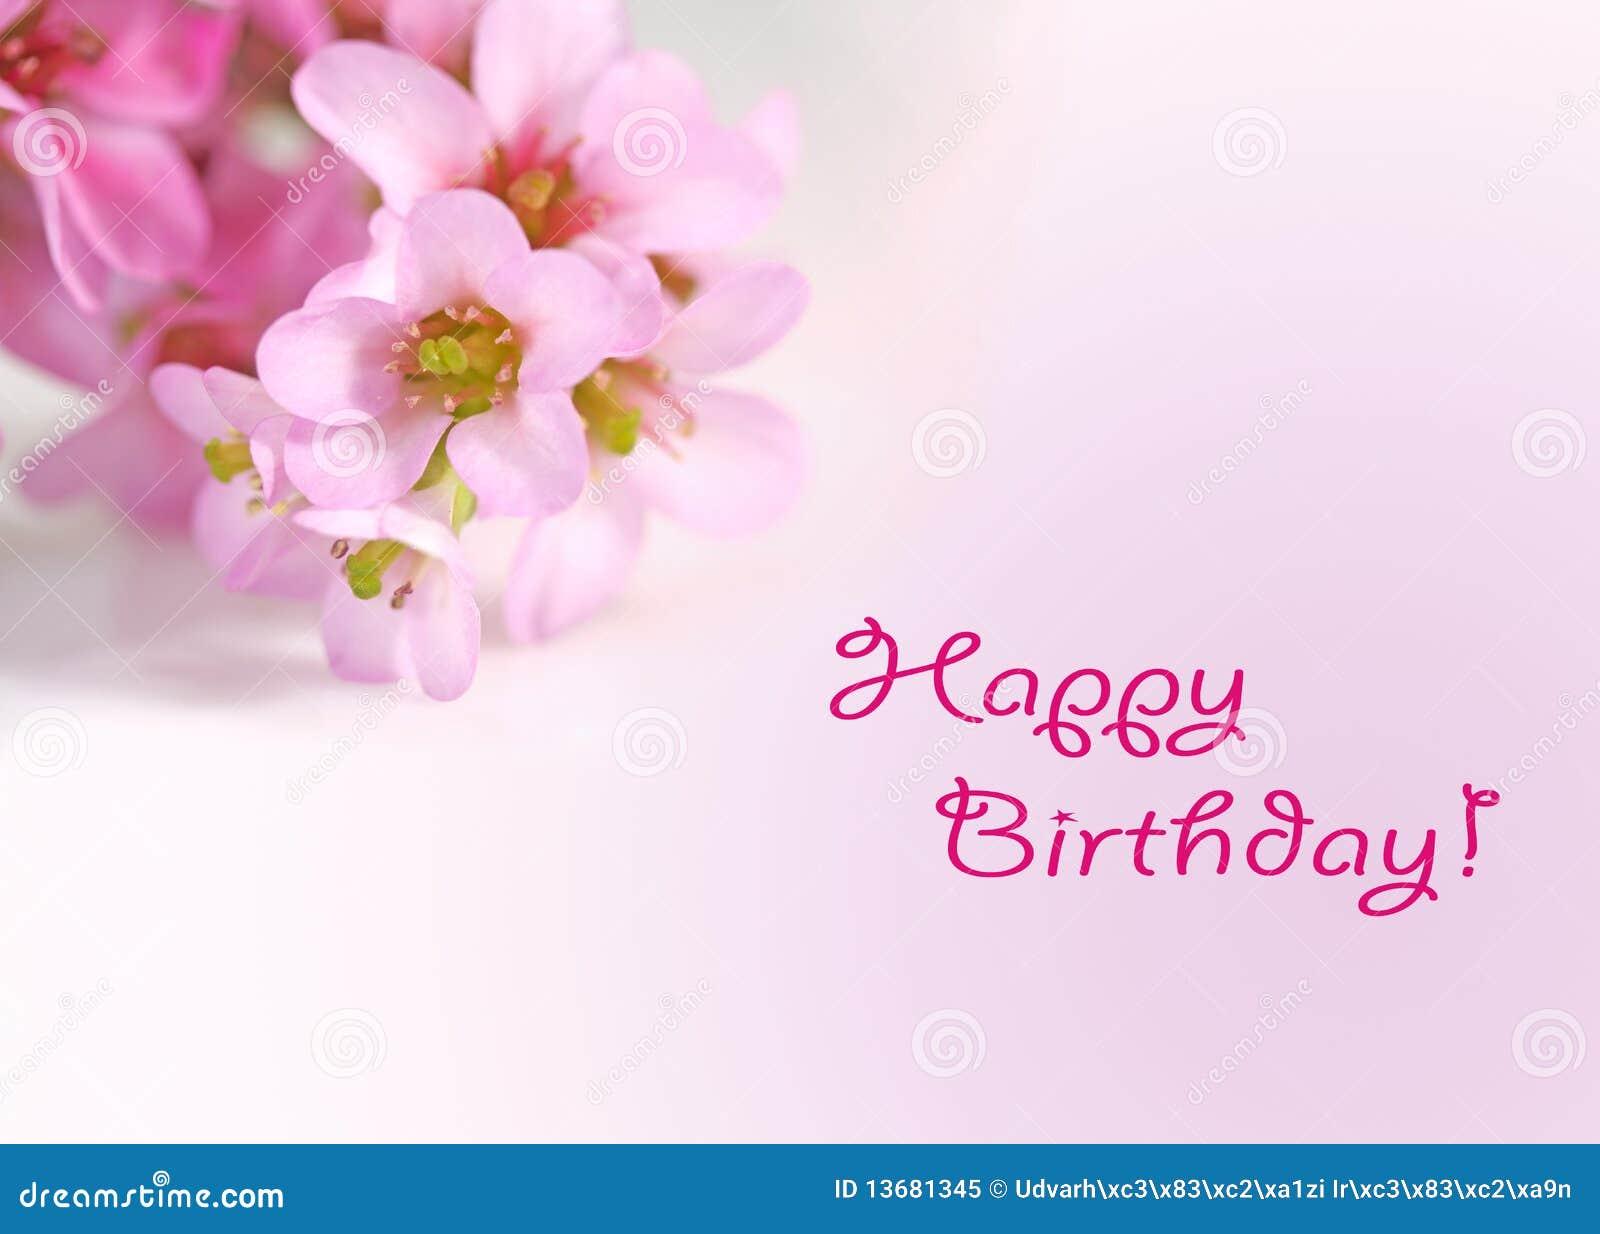 Felicitaciones De Cumpleaños Con Flores: Tarjeta De Felicitaciones Del Feliz Cumpleaños Con Las